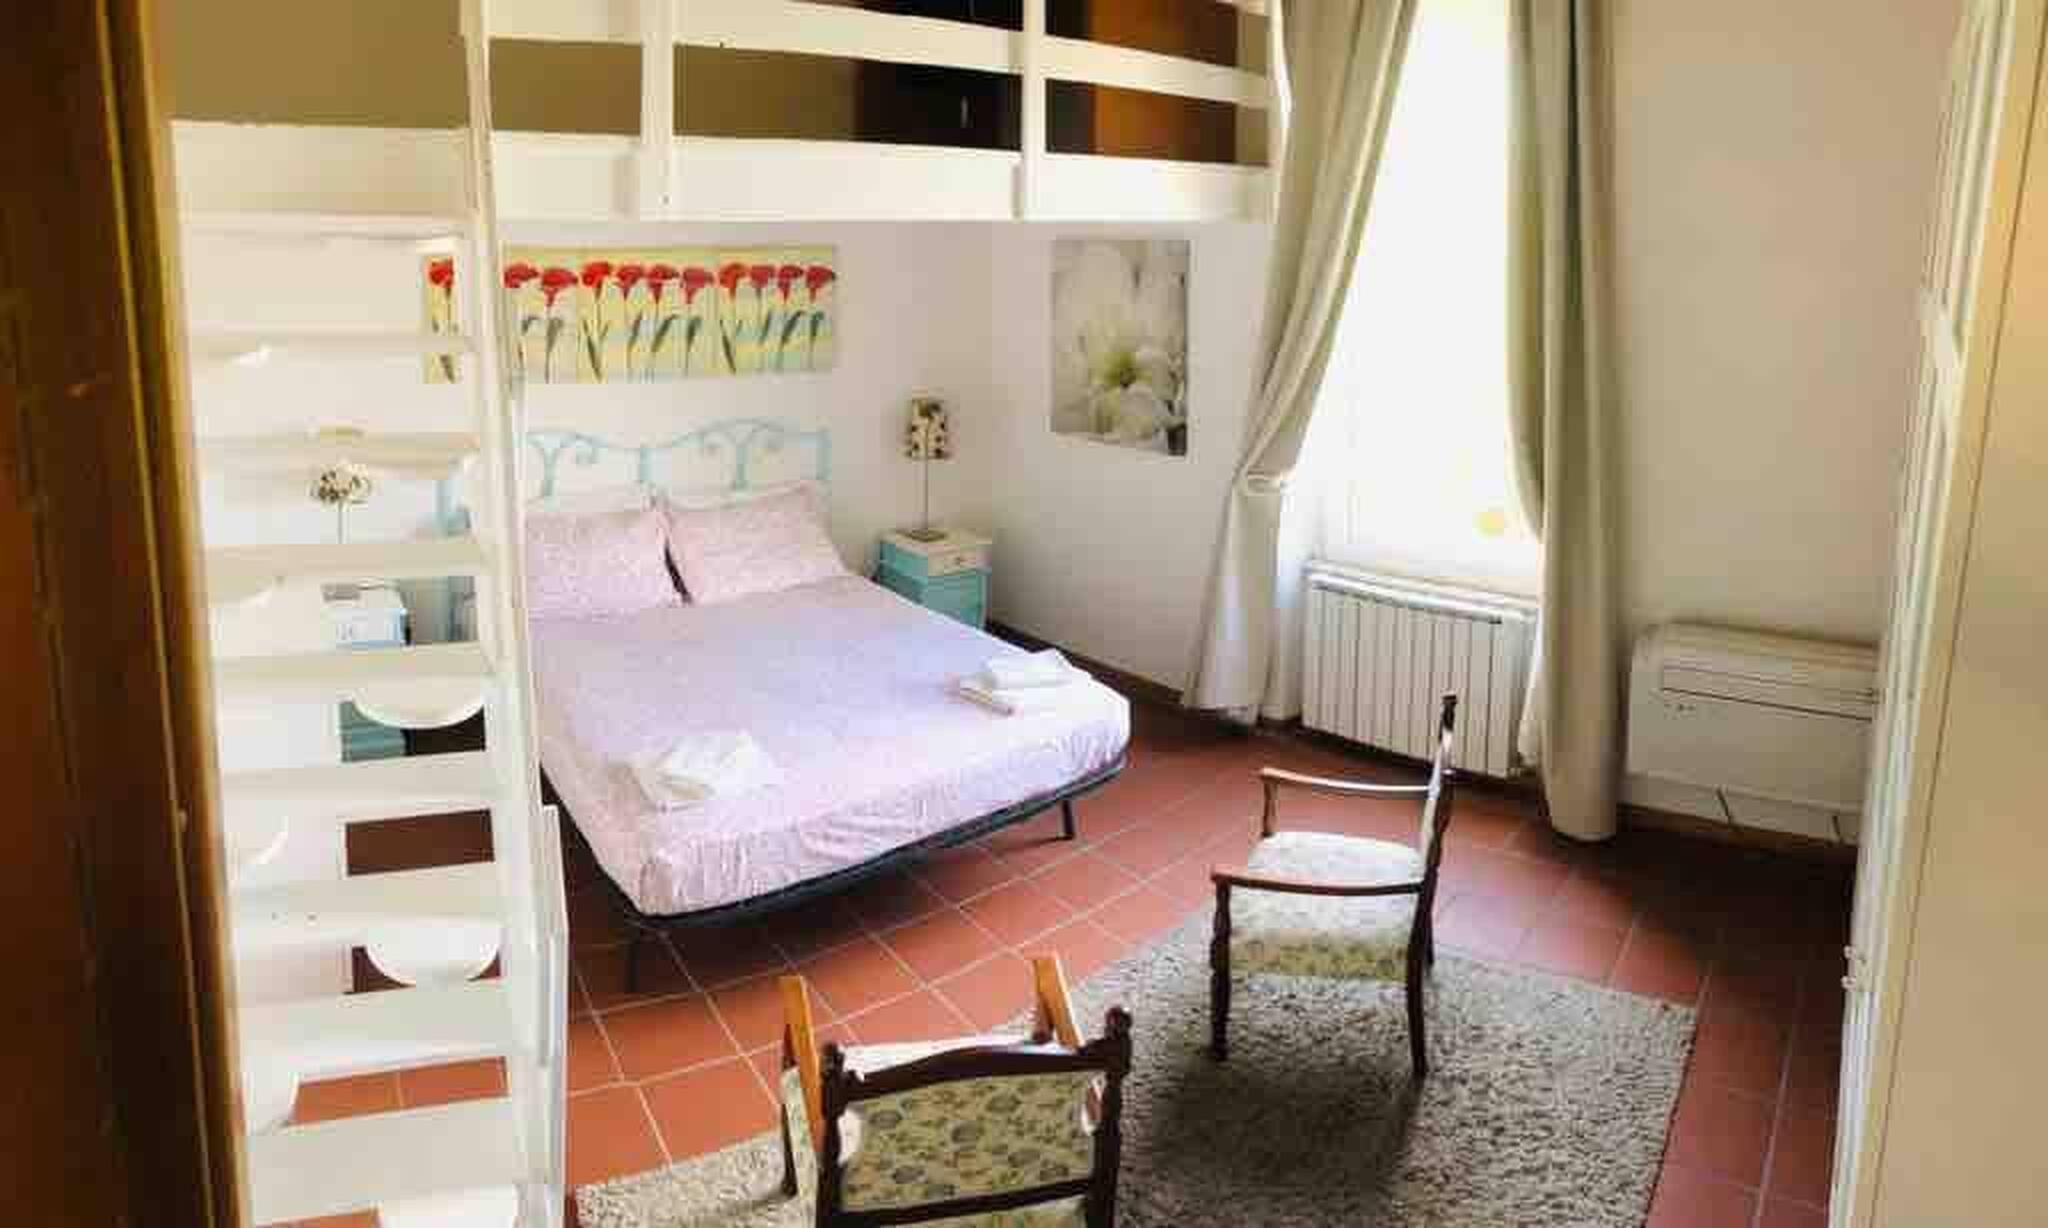 Hton 6 Flat rents Rome